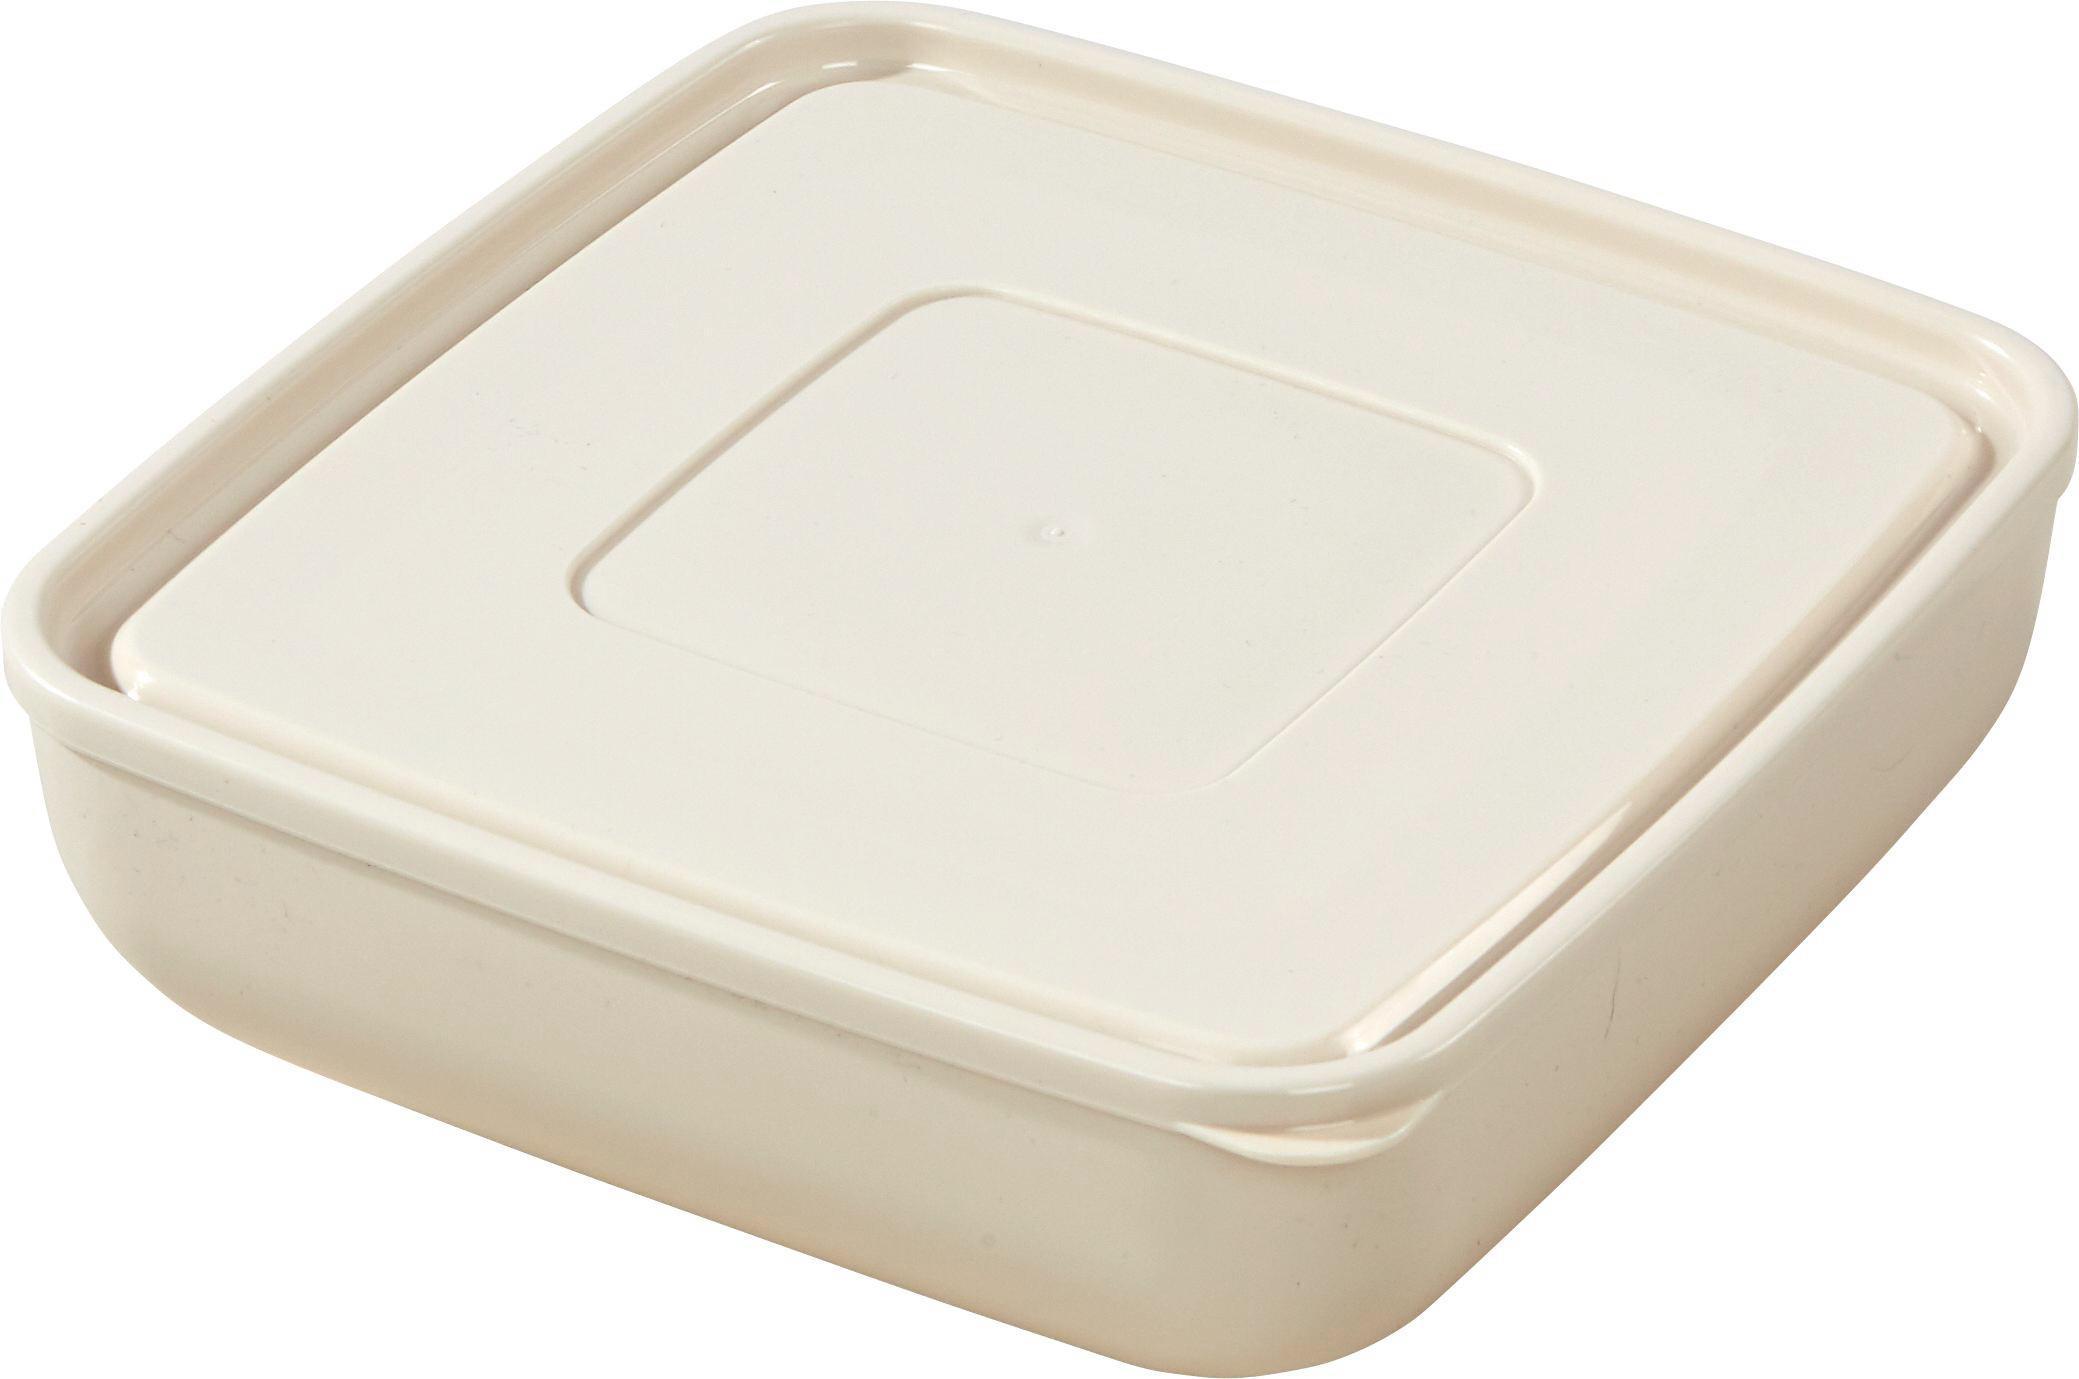 Tárolóedény Ines - krém/szürke, konvencionális, műanyag (27/9,2cm) - OMBRA